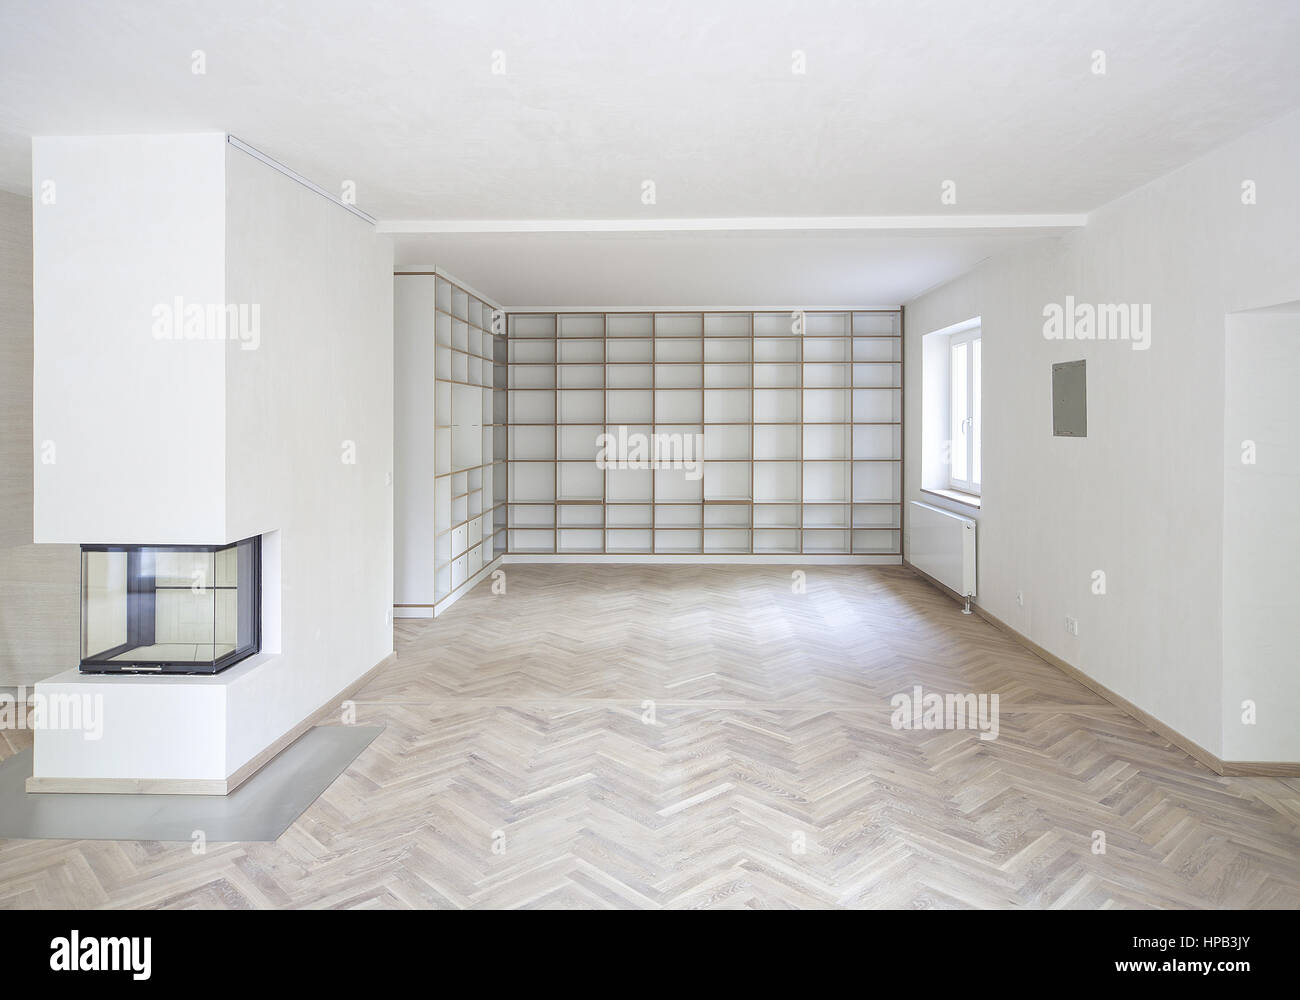 Weißer Parkettboden leerer weisser wohnraum mit parkettboden und regalwand stock photo